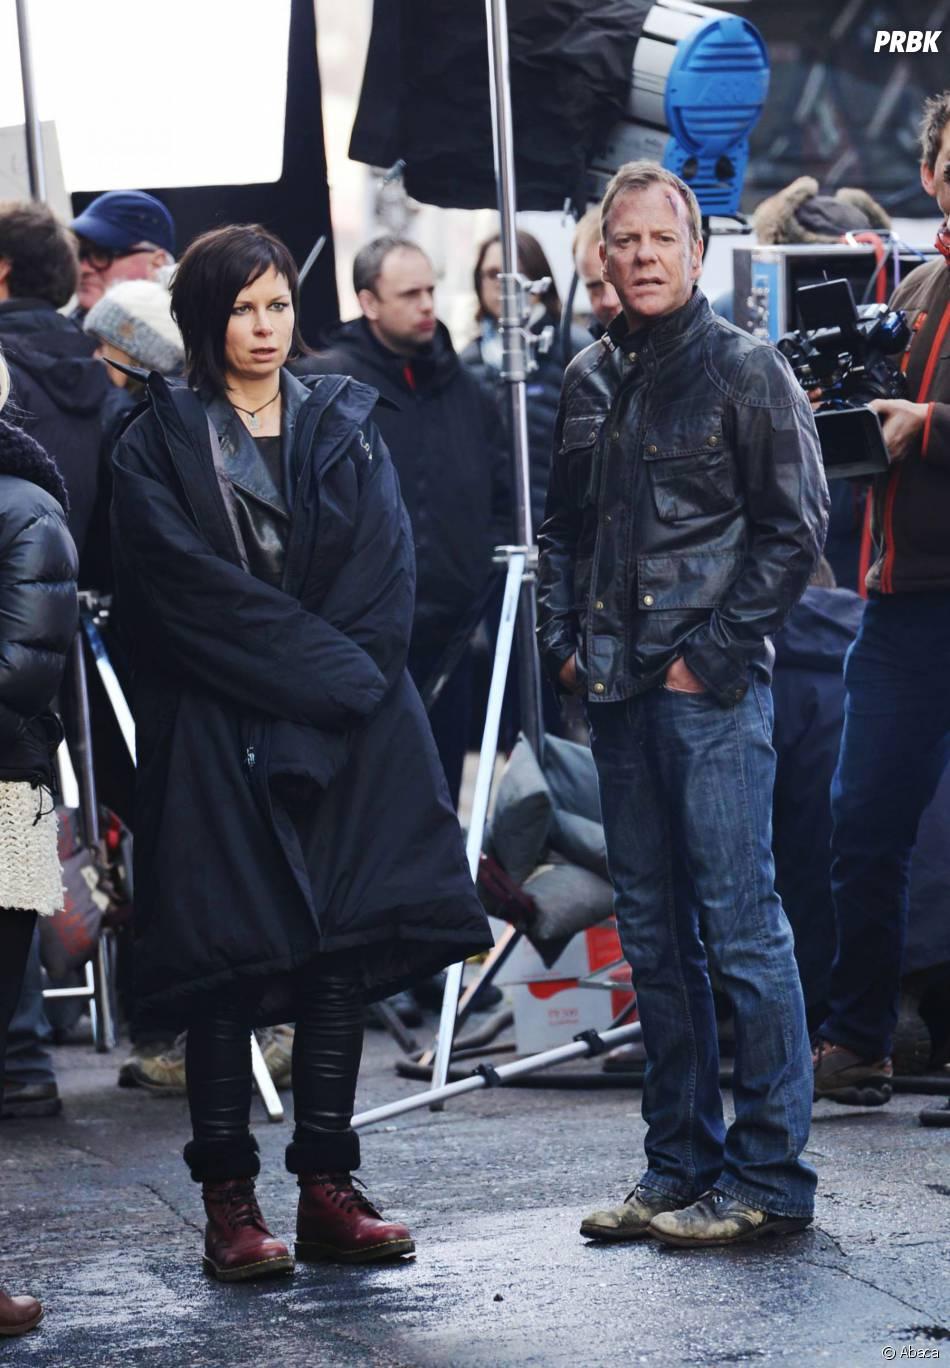 24 heures chrono saison 9 : Kiefer Sutherland et Mary Lynn Rajskub sur le tournage à Londres, le 22 janvier 2014